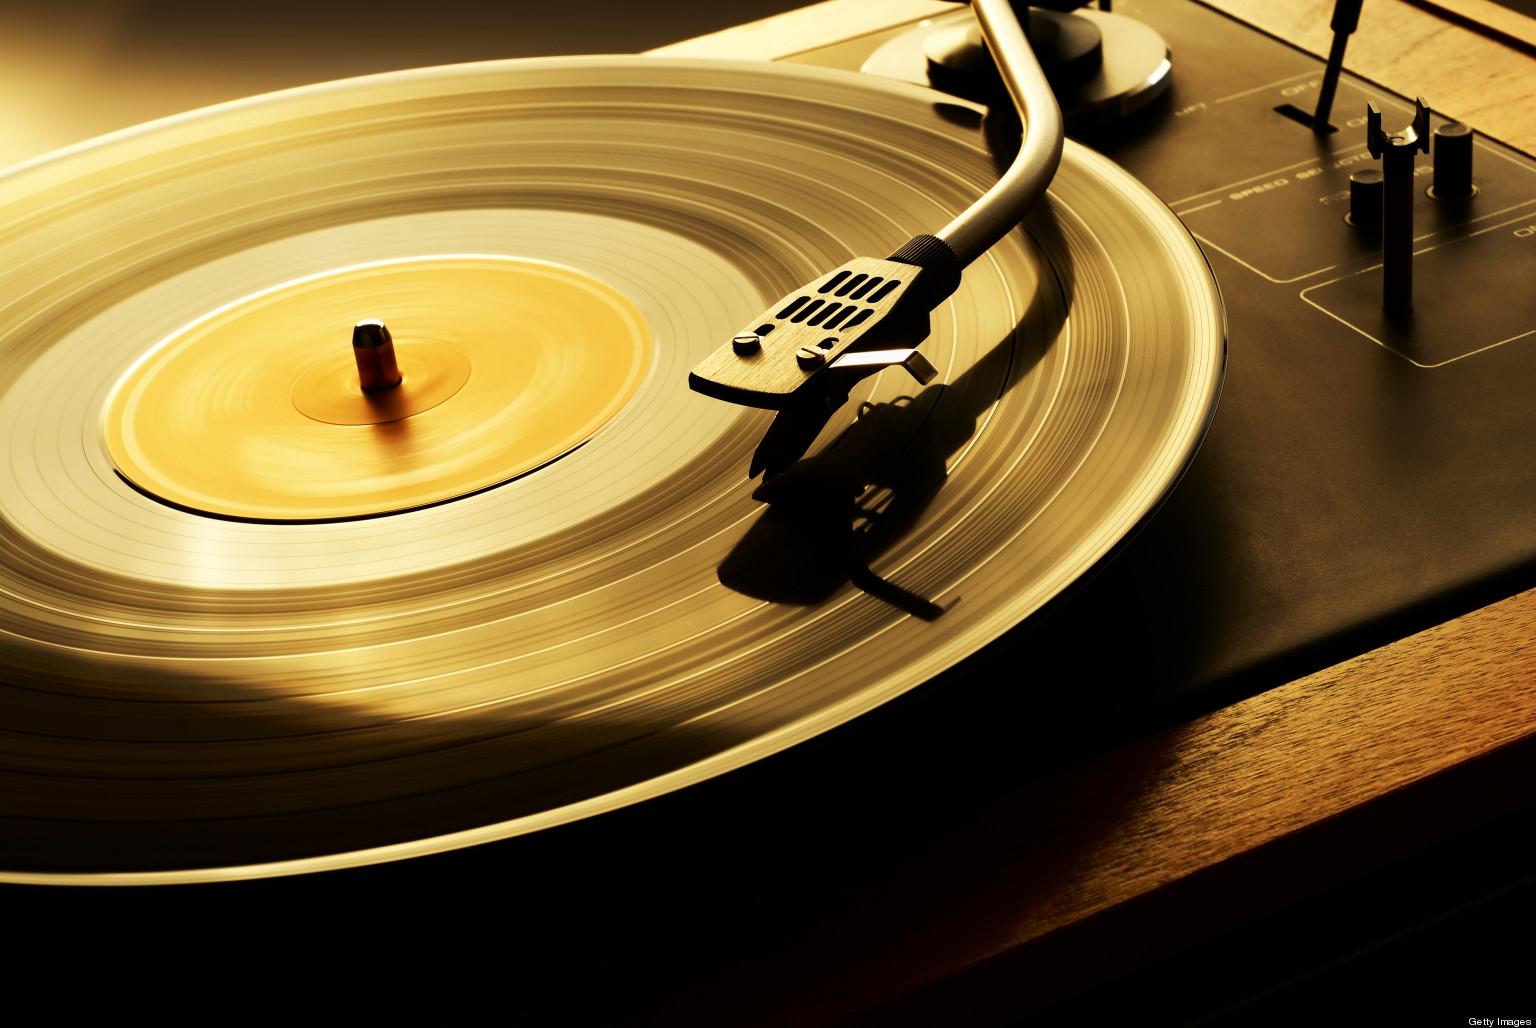 Vinyl won't quit!